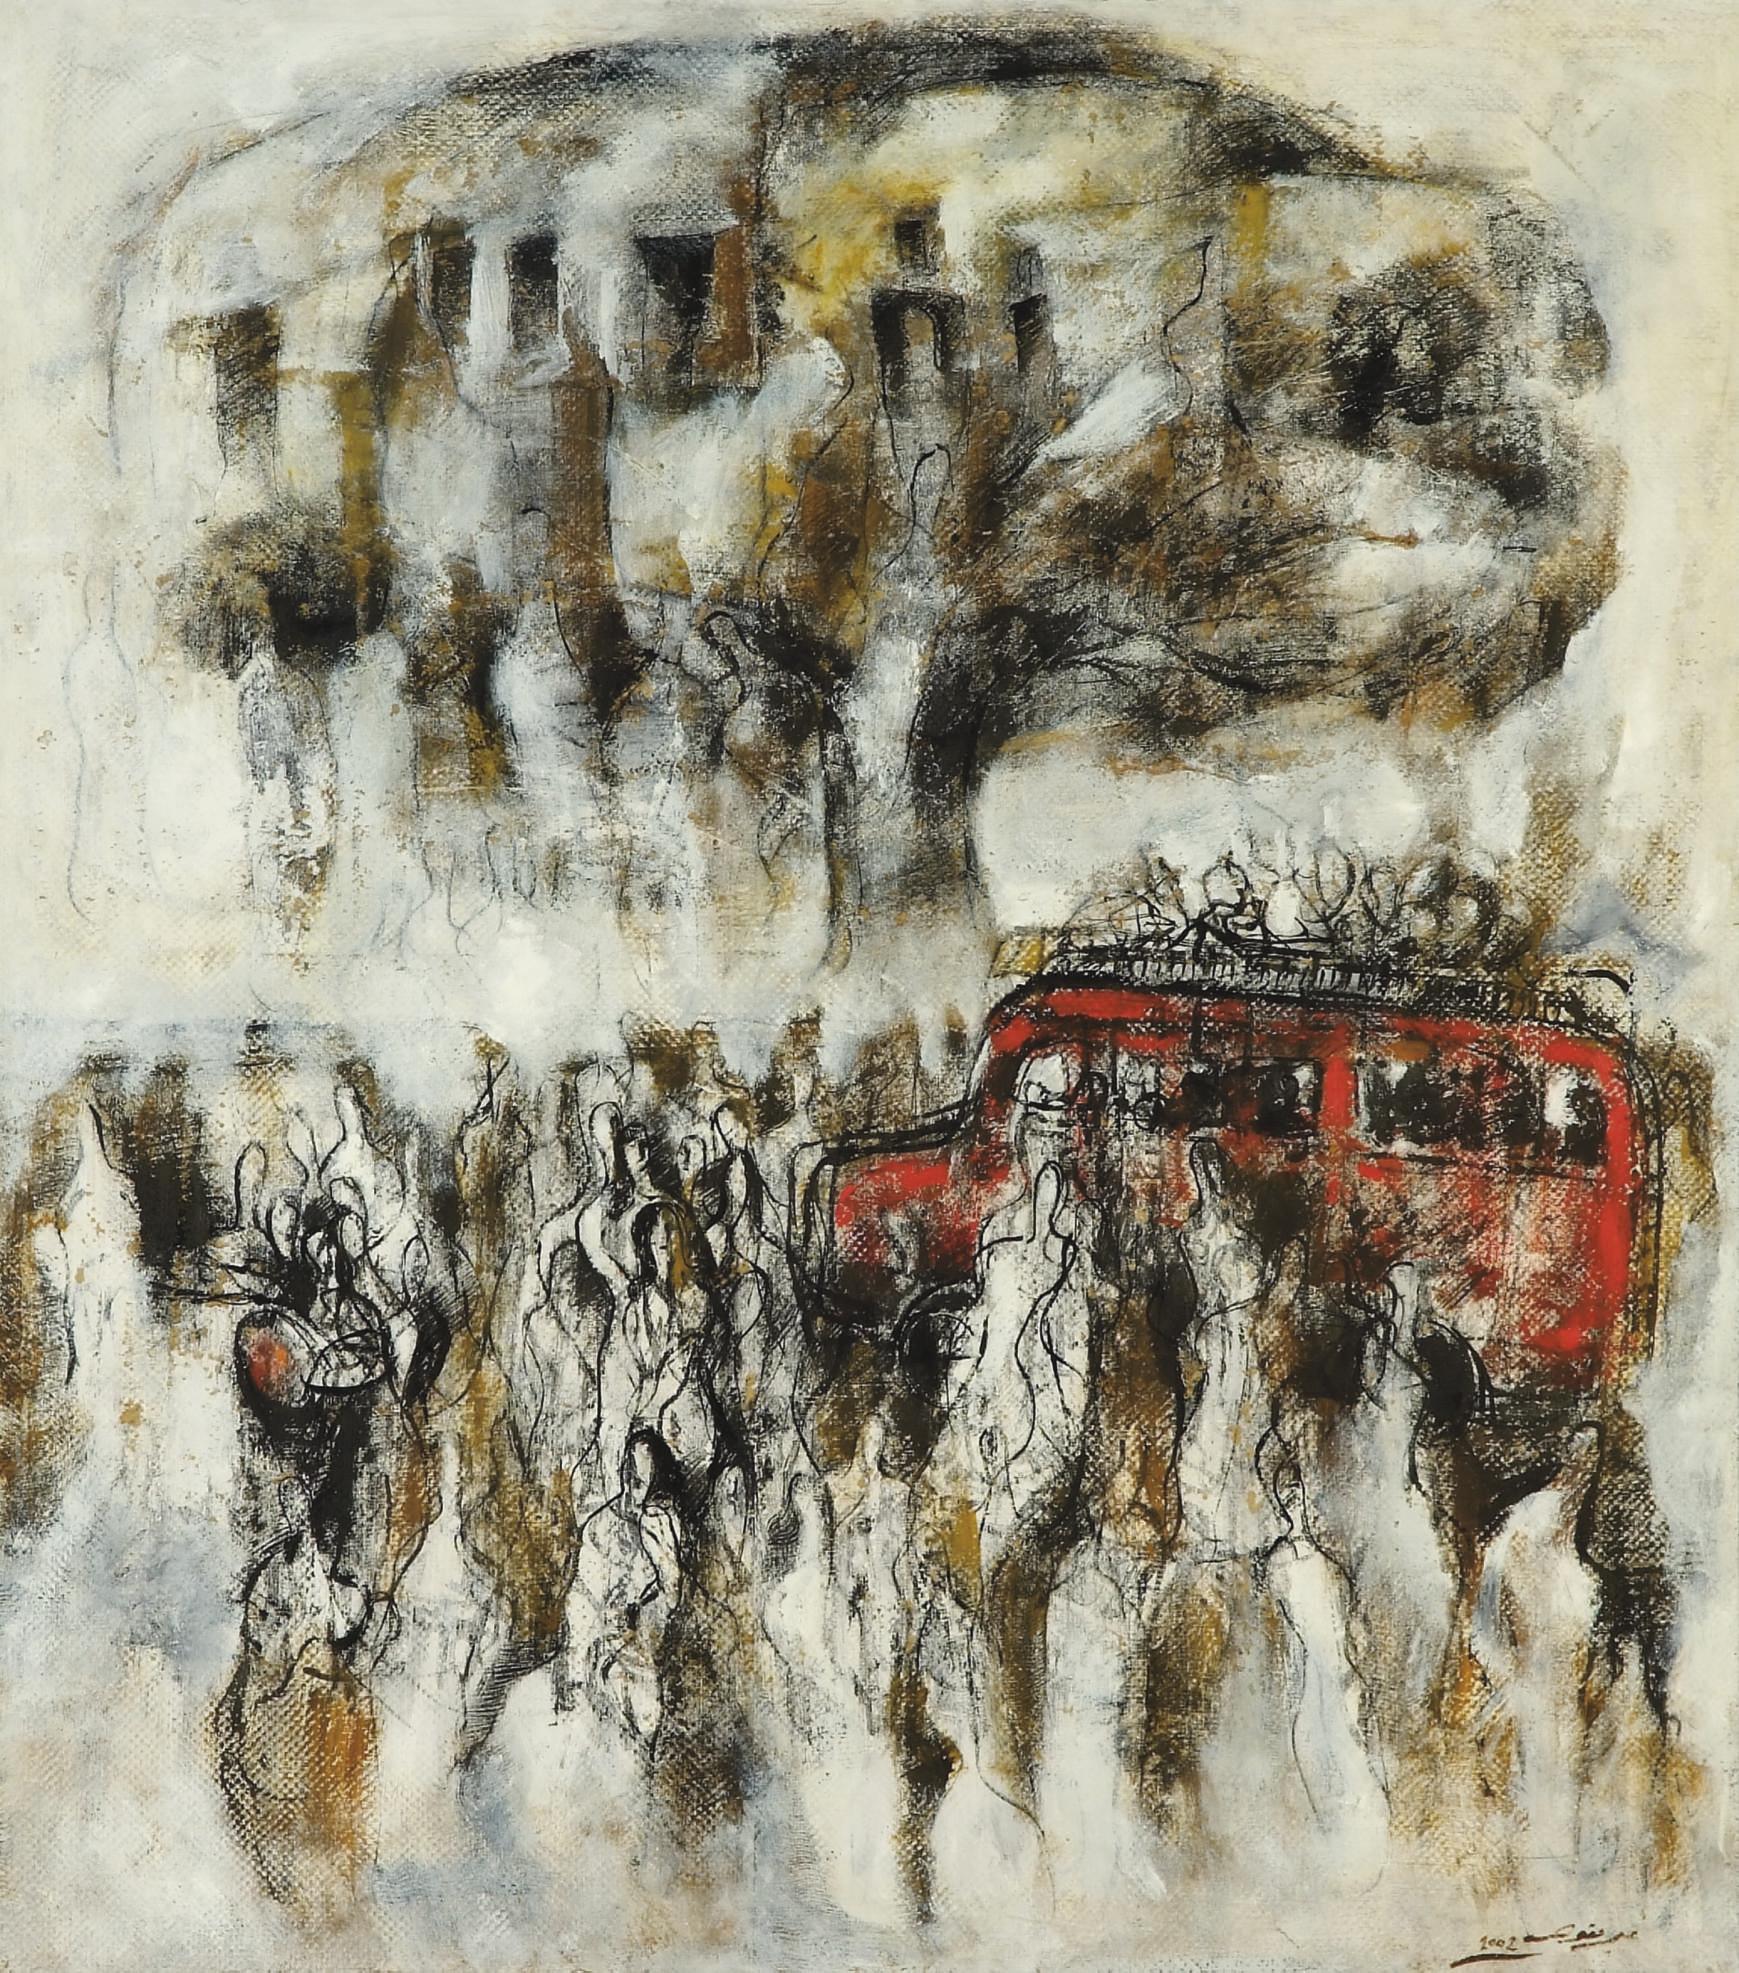 Ali Mukawwas (Syrian, b. 1955)